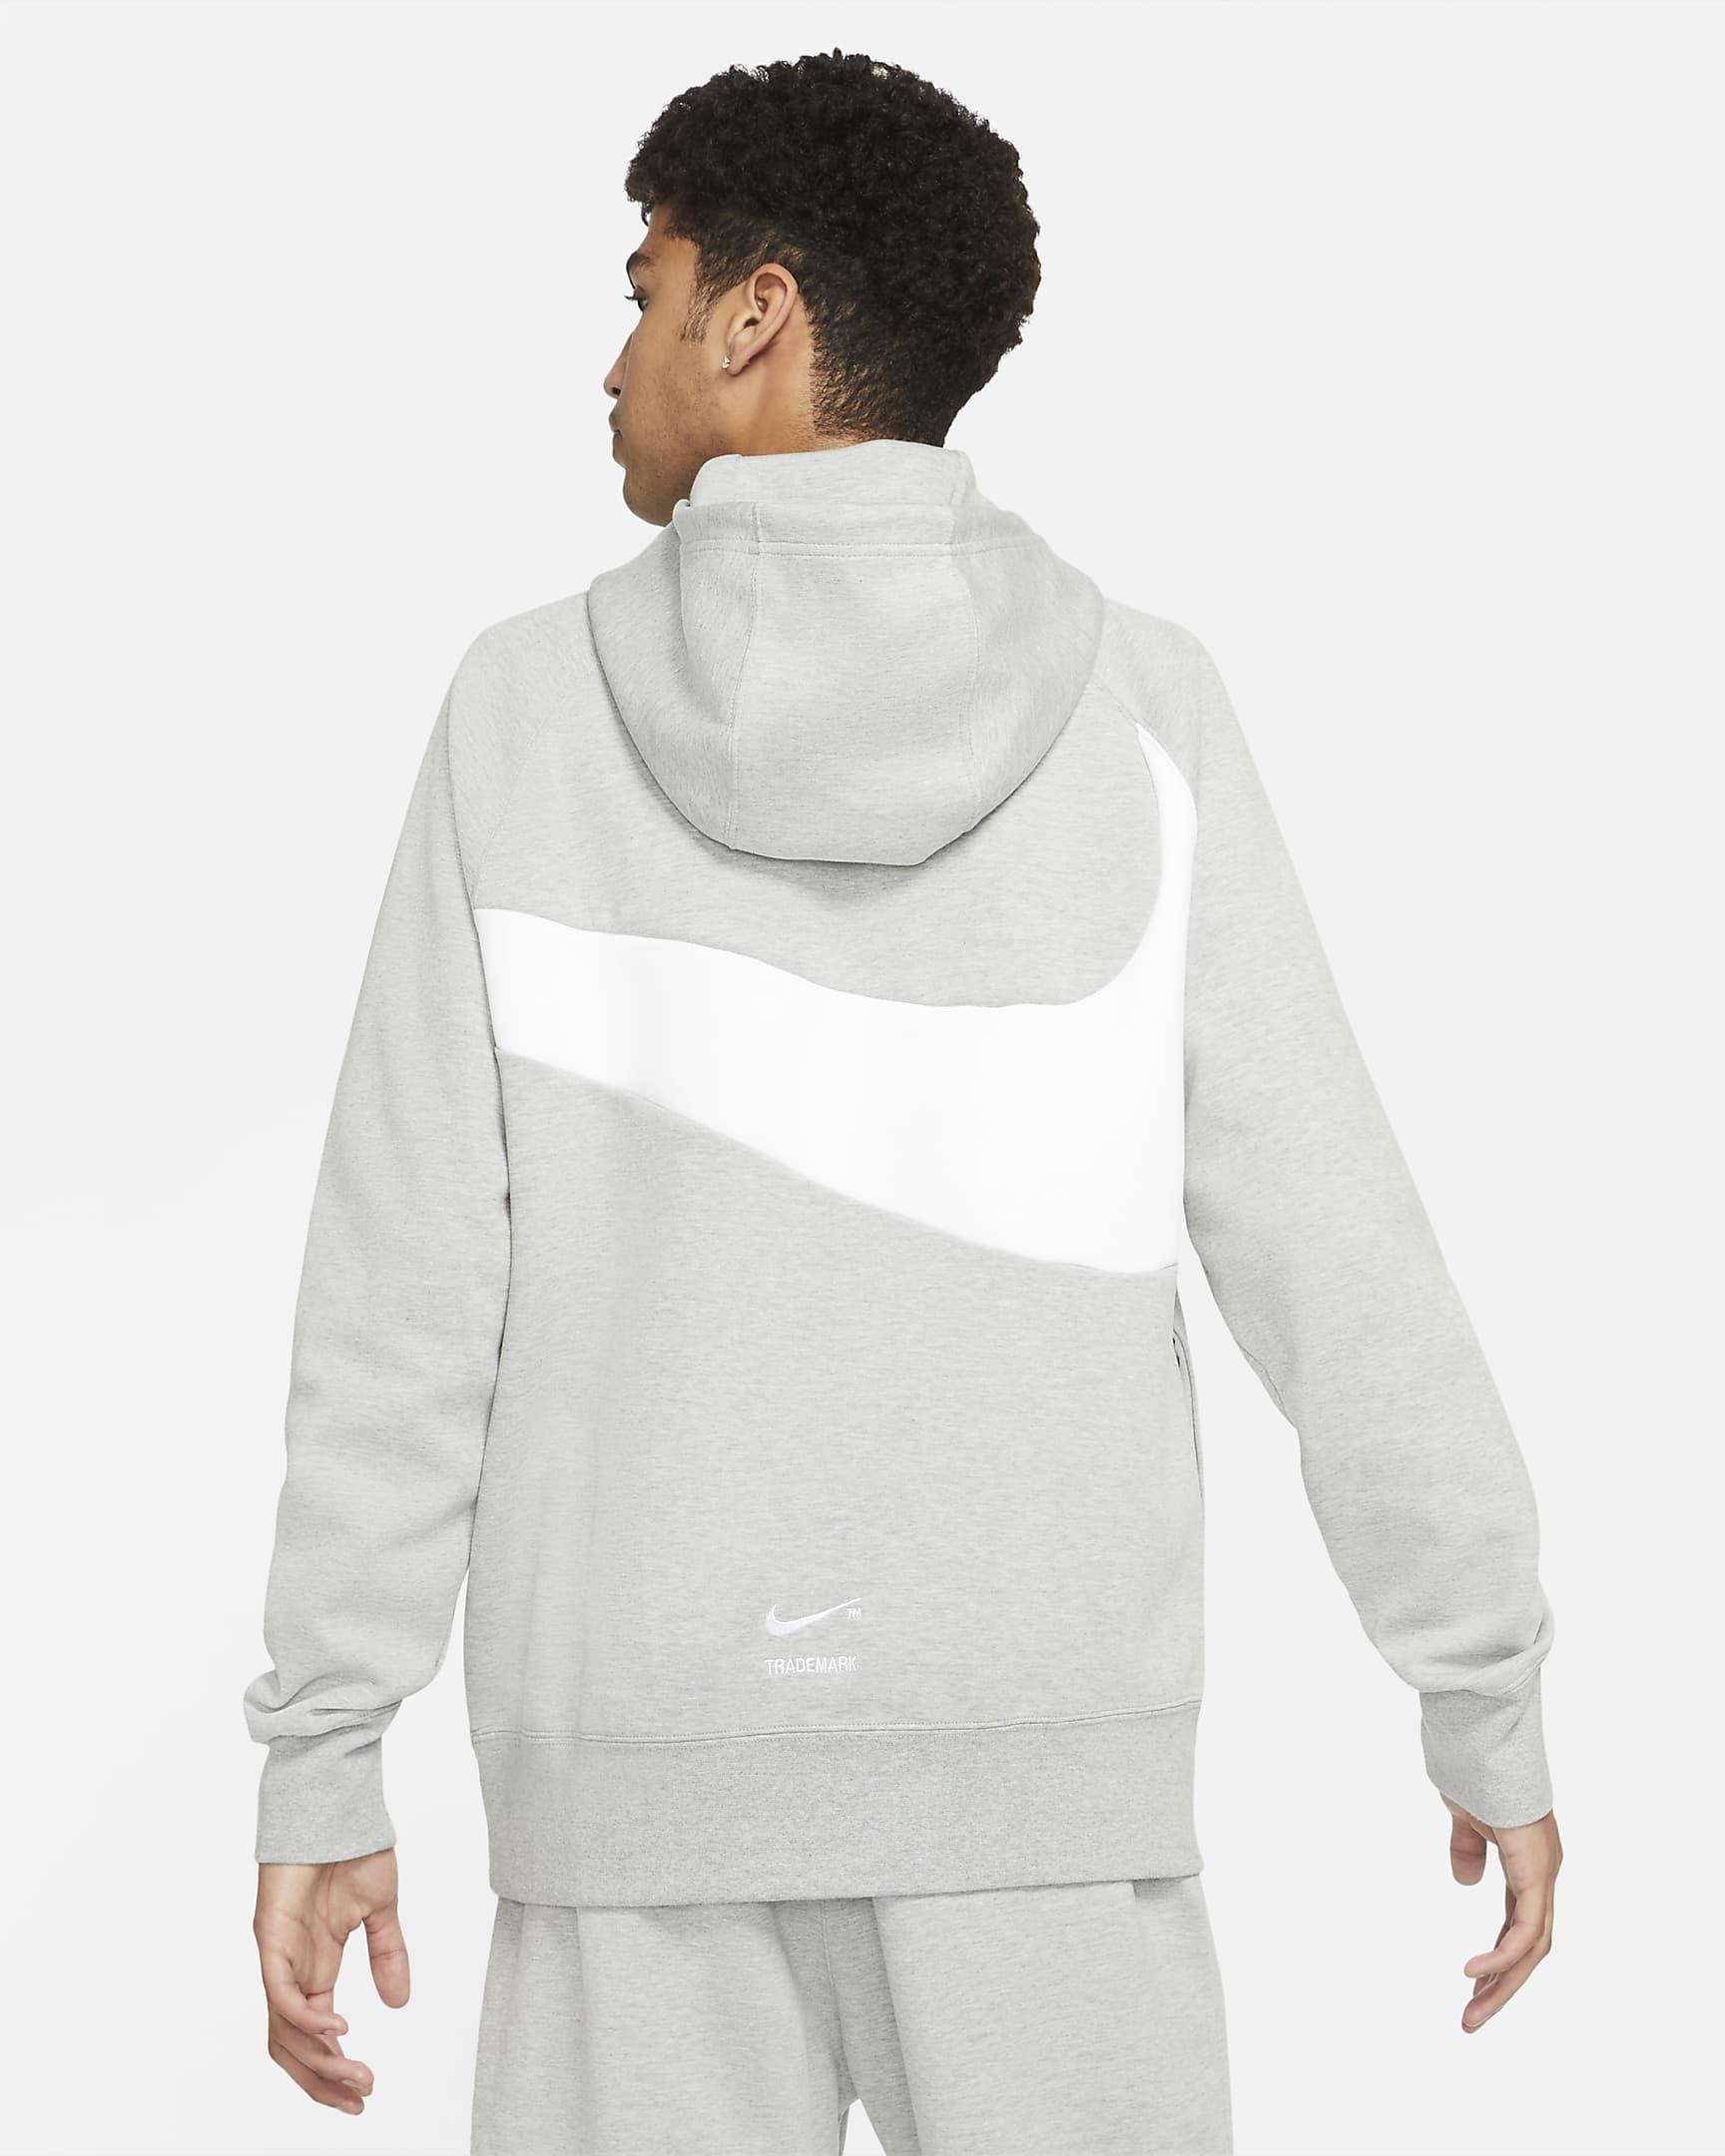 nike-sportswear-swoosh-tech-fleece-mens-pullover-hoodie-CPnmfh-1.png